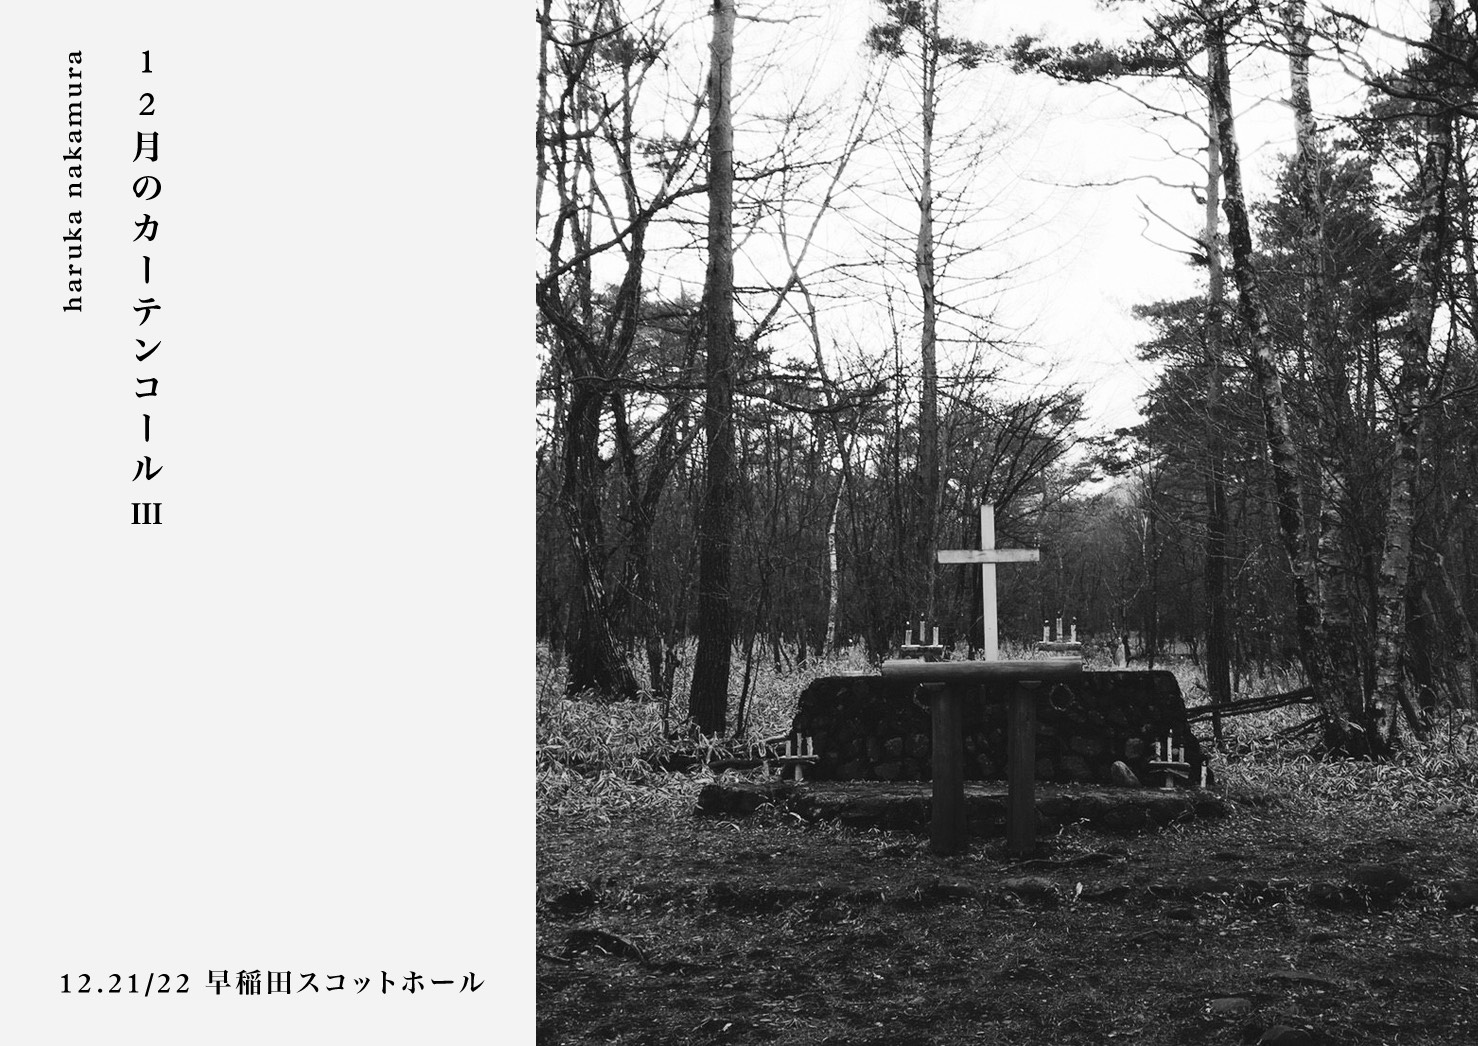 haruka nakamura 「12月のカーテンコール Ⅲ」DAY 1